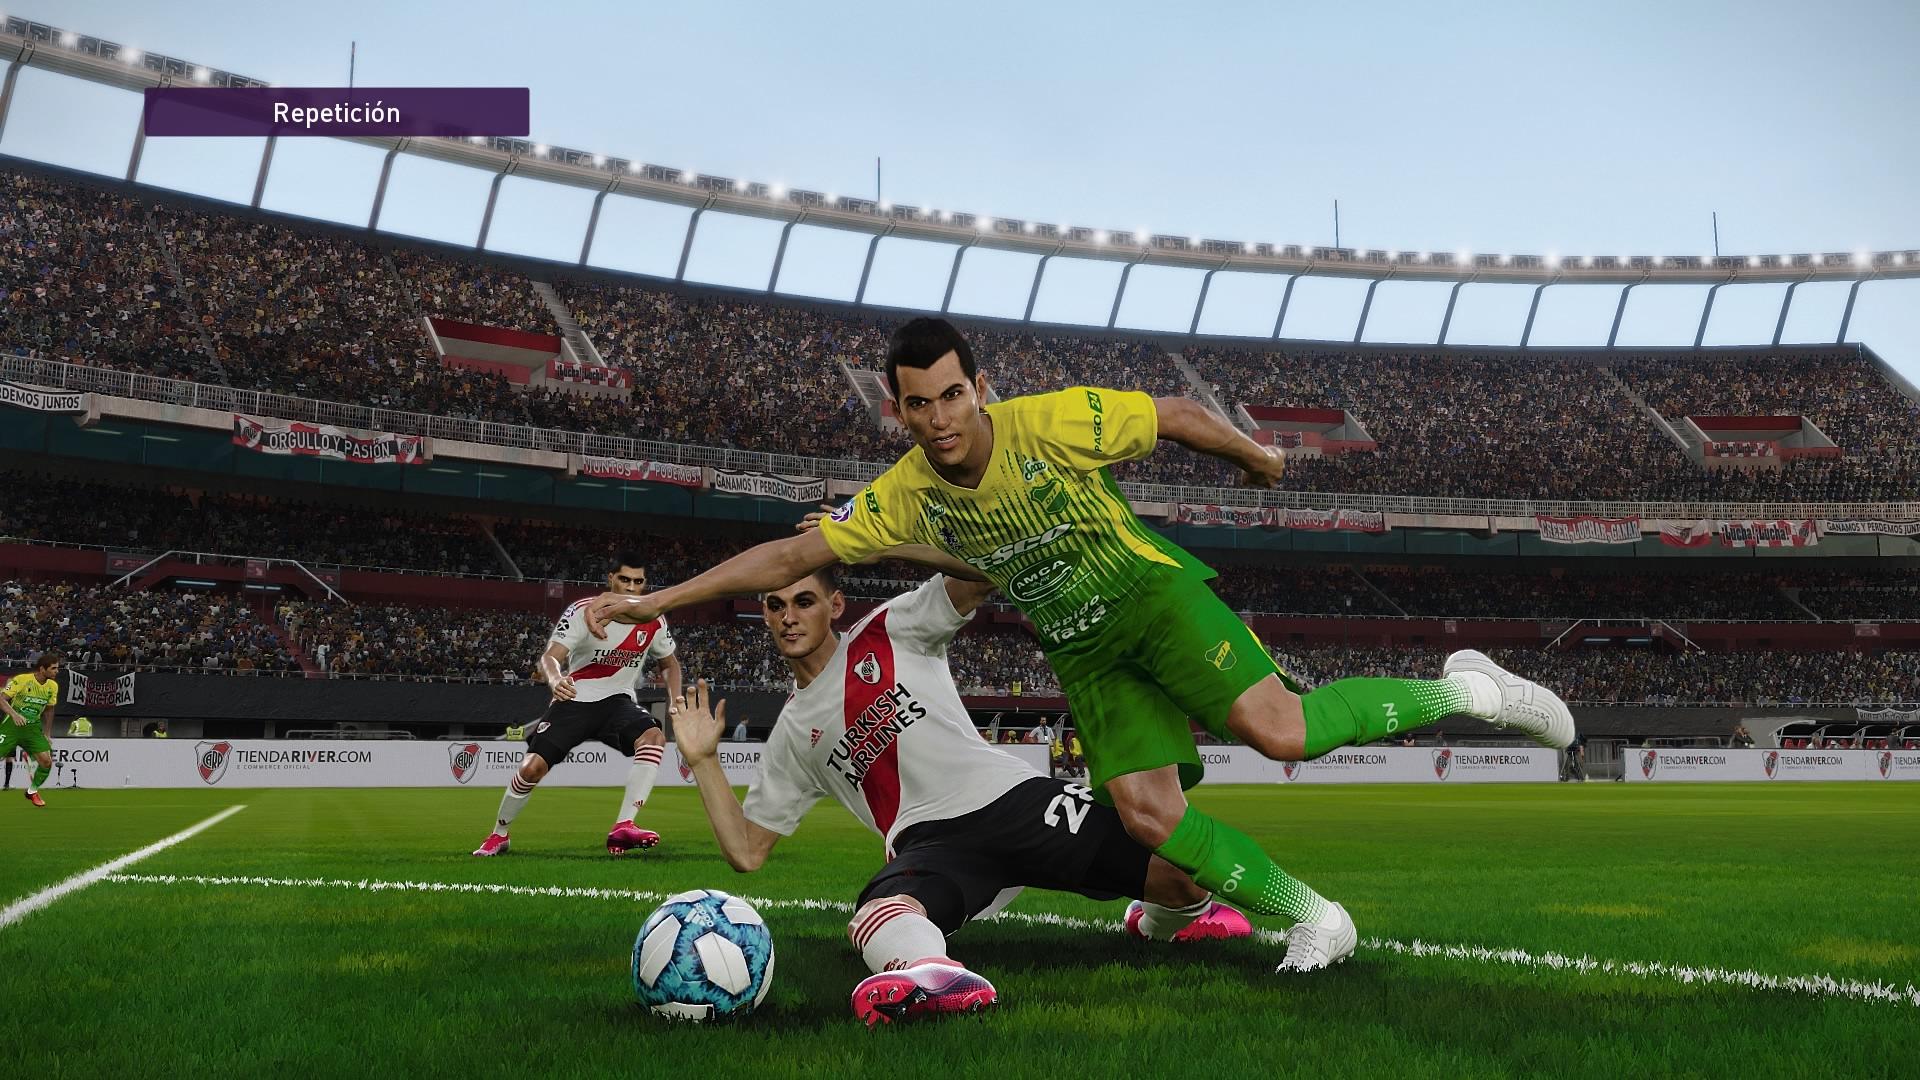 AFA Virtual Liga: Defensa y Justicia y Talleres de Córdoba los finalistas del 11 vs. 11 de la Copa #QuedateEnCasa